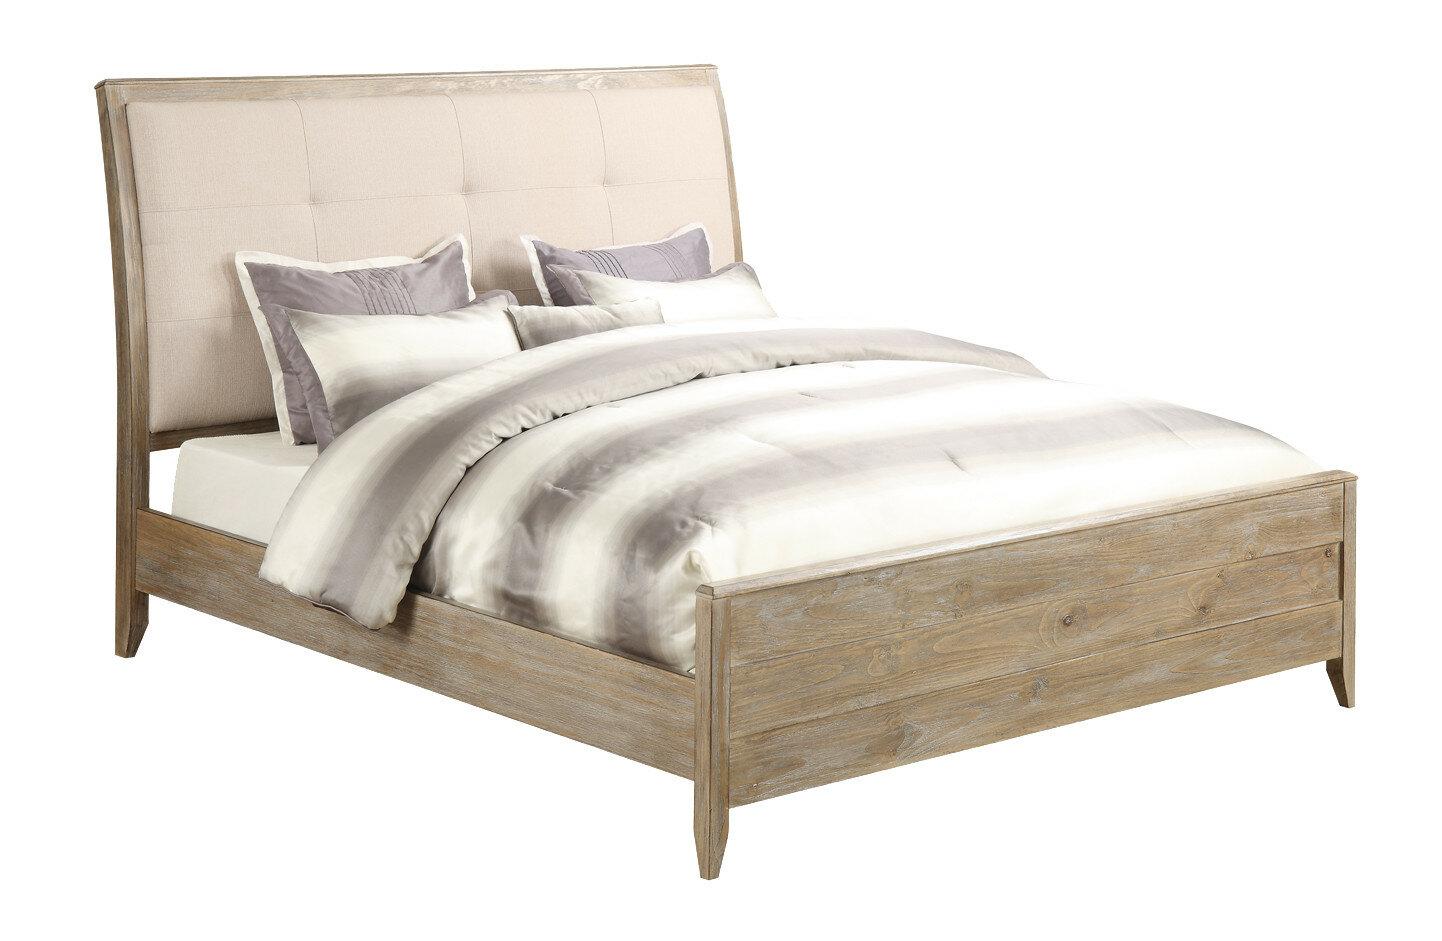 Gracie Oaks Fedna Upholstered Panel Bed